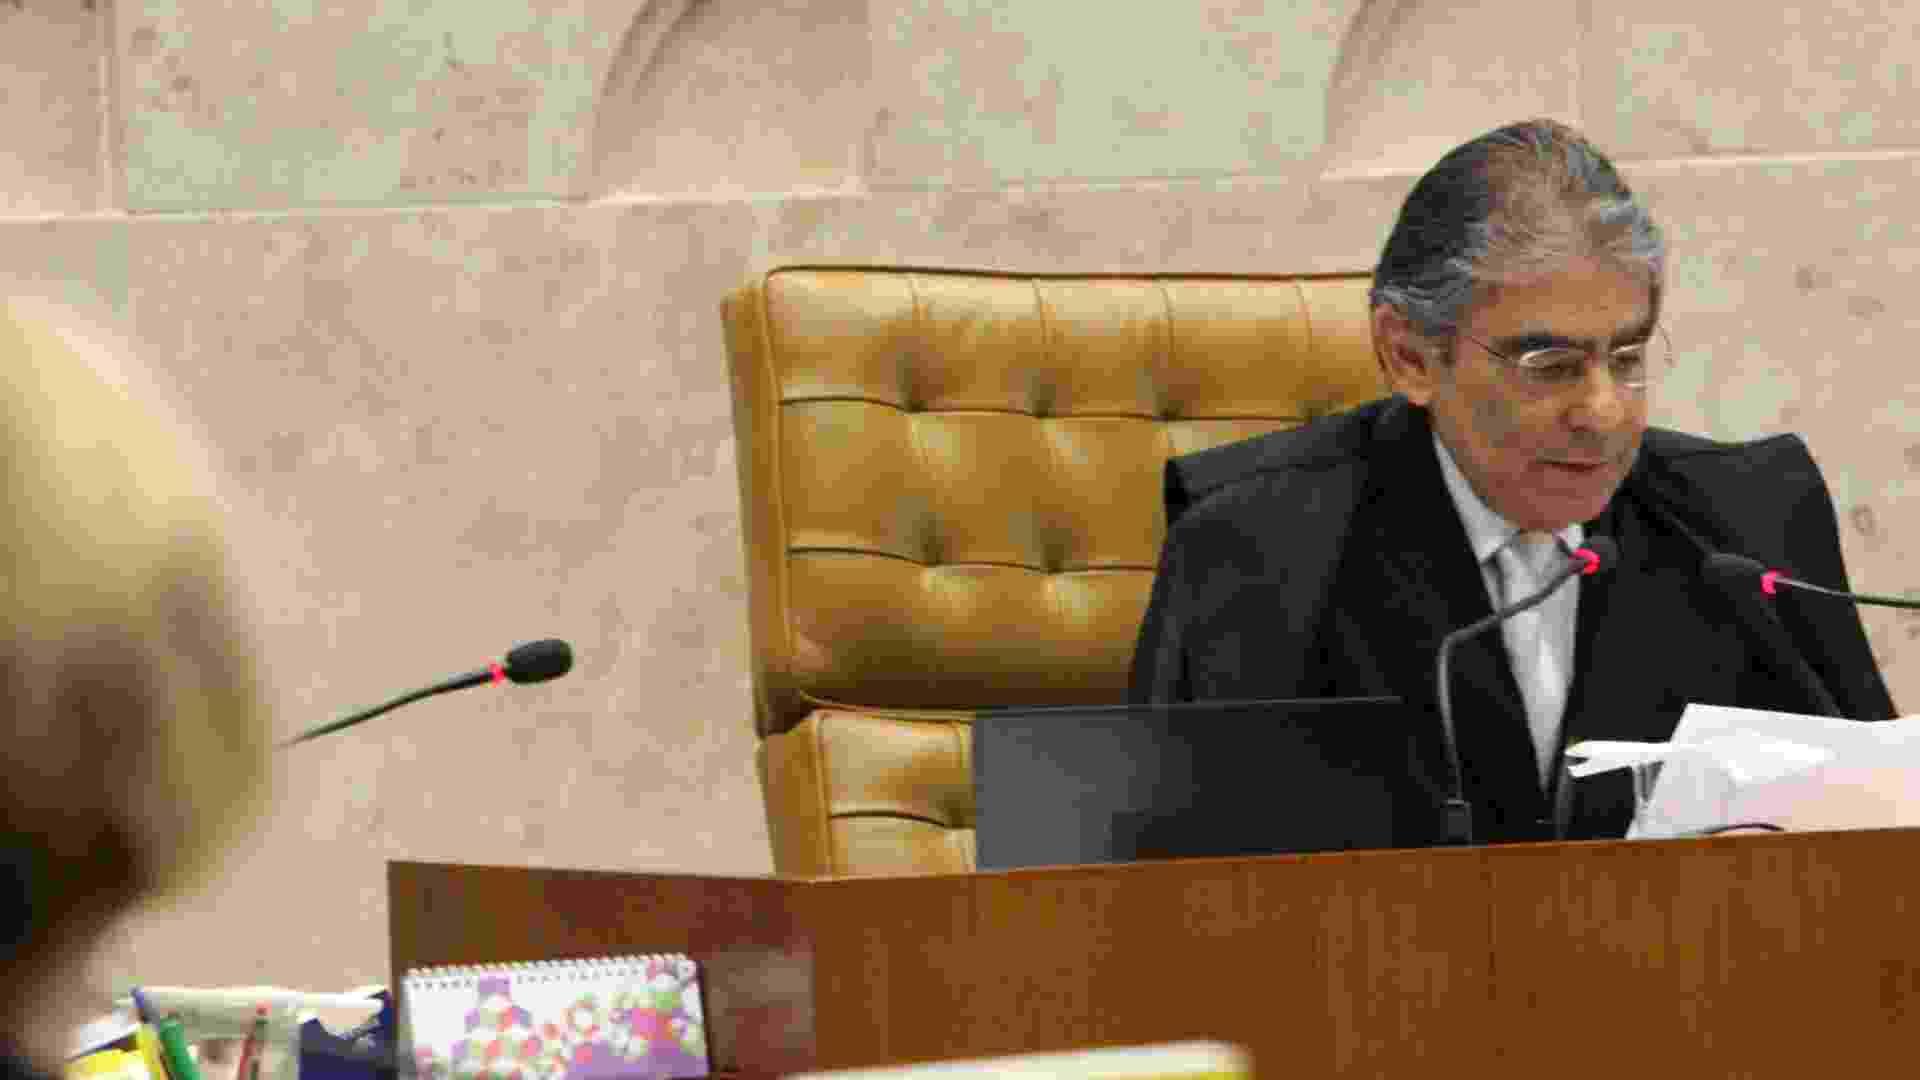 17.out.2012 - O ministro Ayres Britto discursa em sessão do julgamento do mensalão em Brasília - Antonio Araújo/UOL